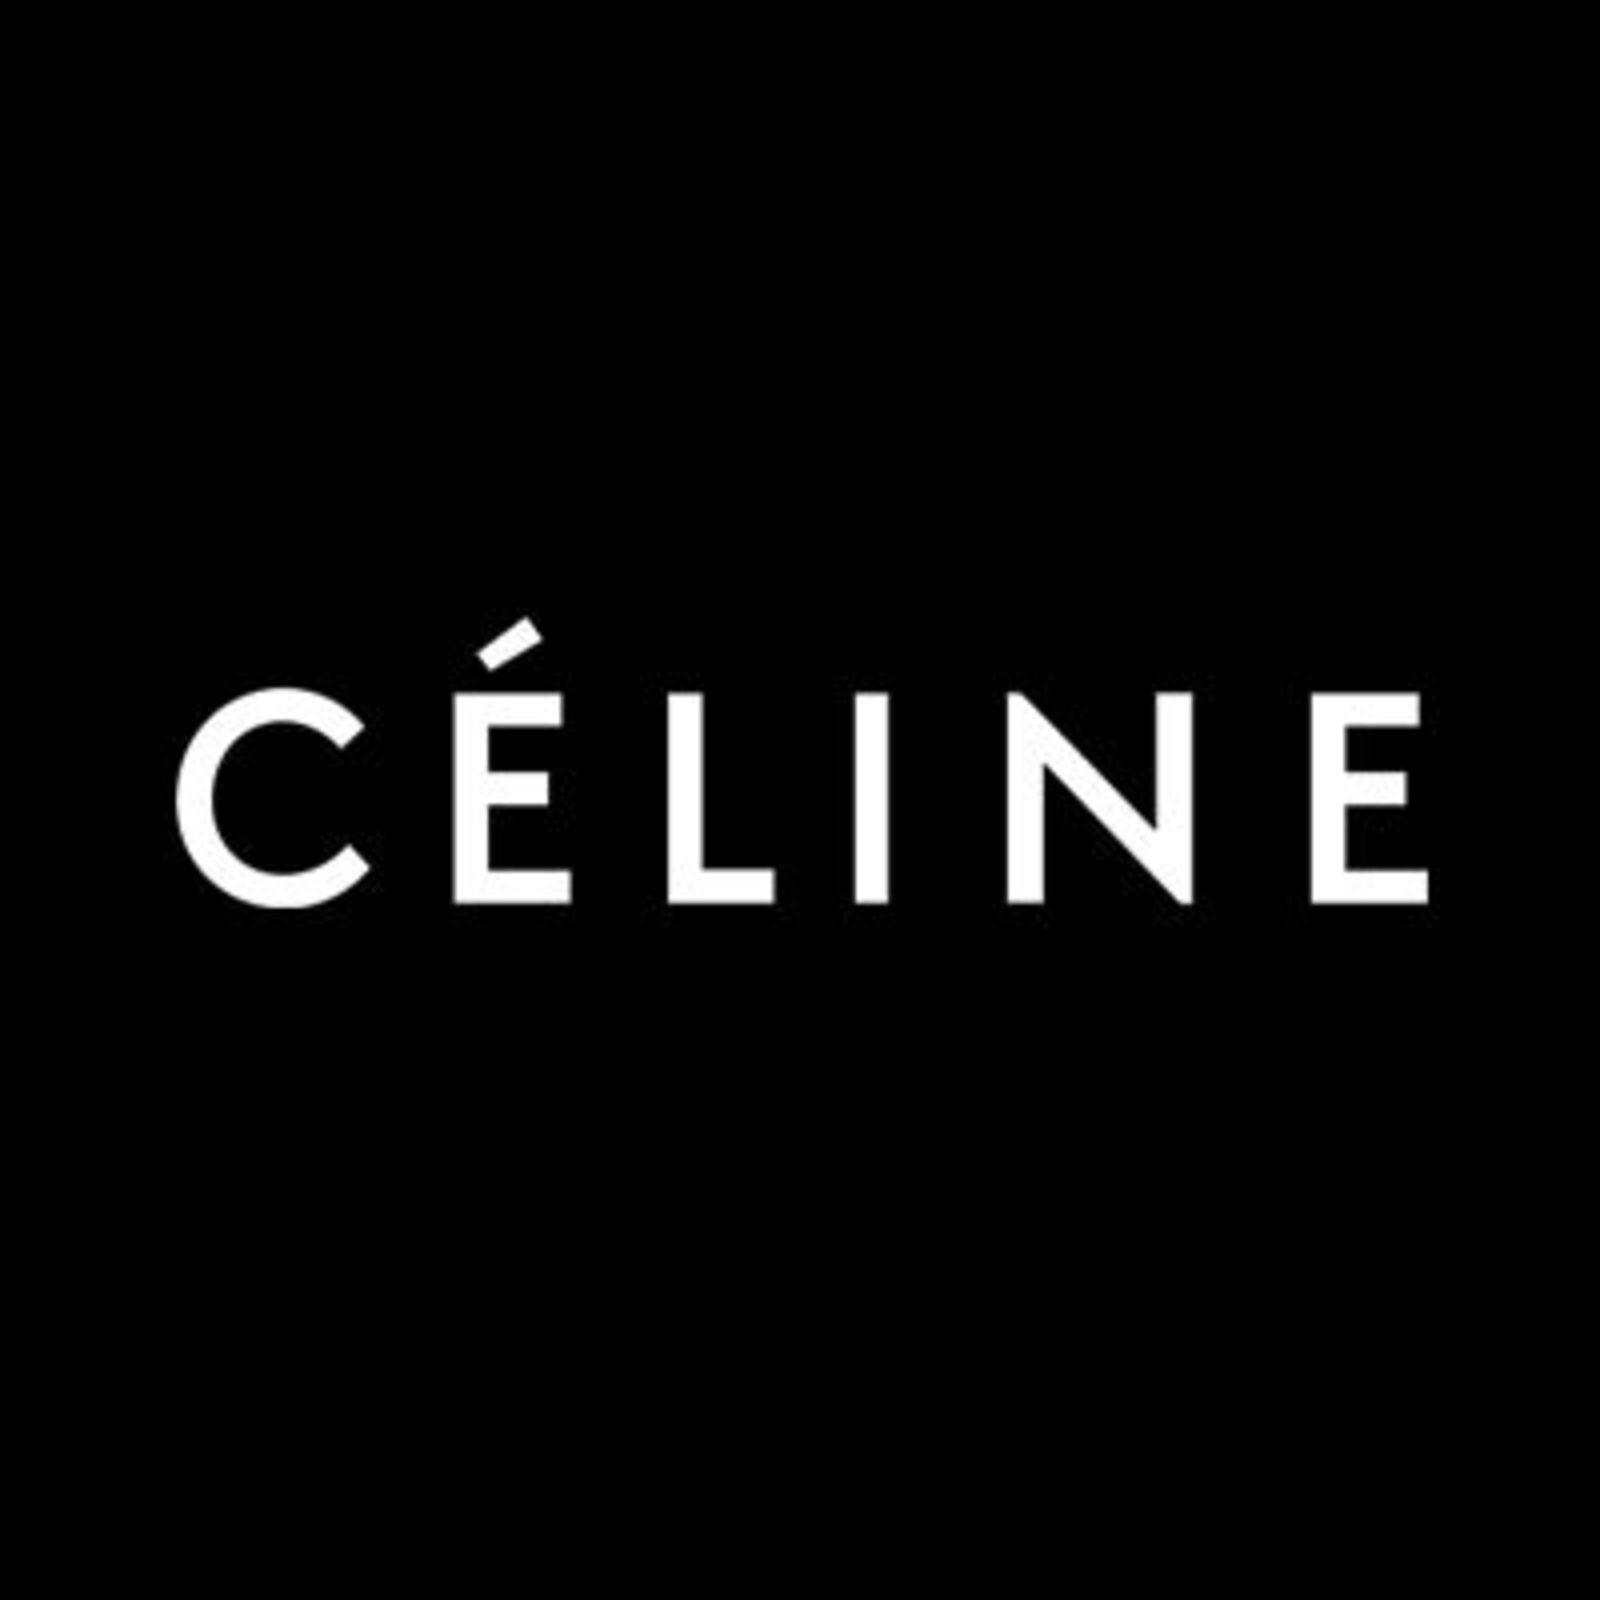 CÉLINE (Image 1)